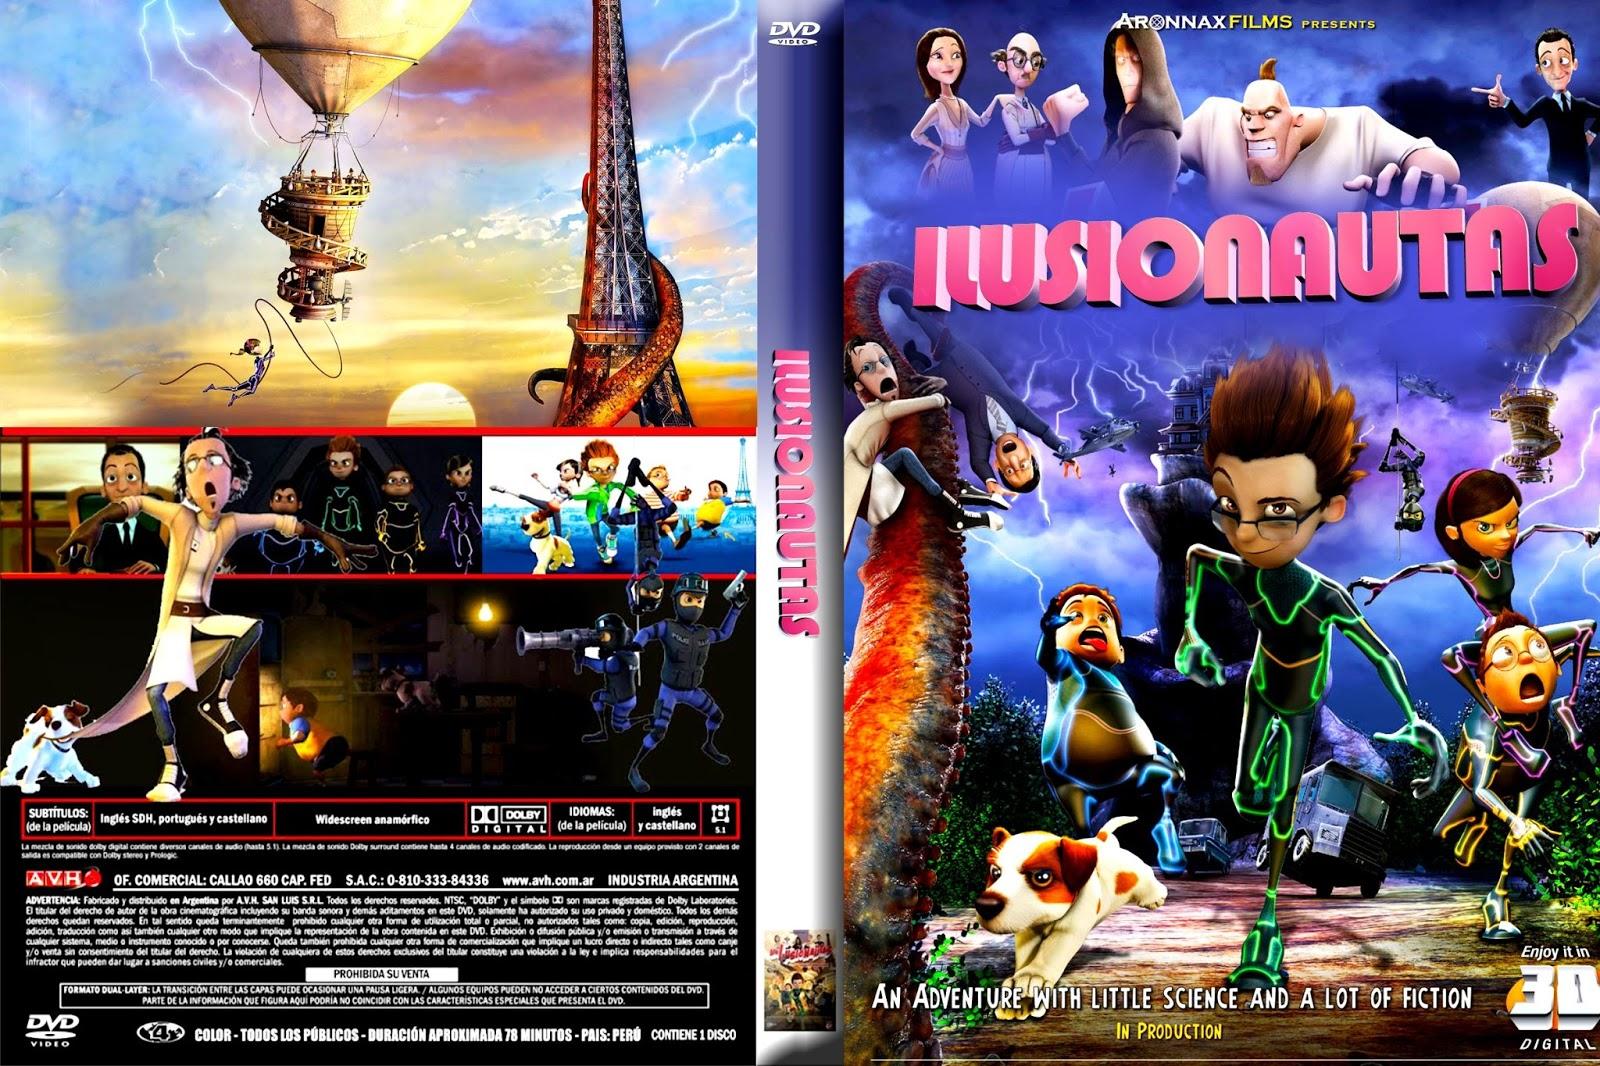 Os Ilusionautas 2012 Capa-do-filme-Filme-Os-Ilusionautas